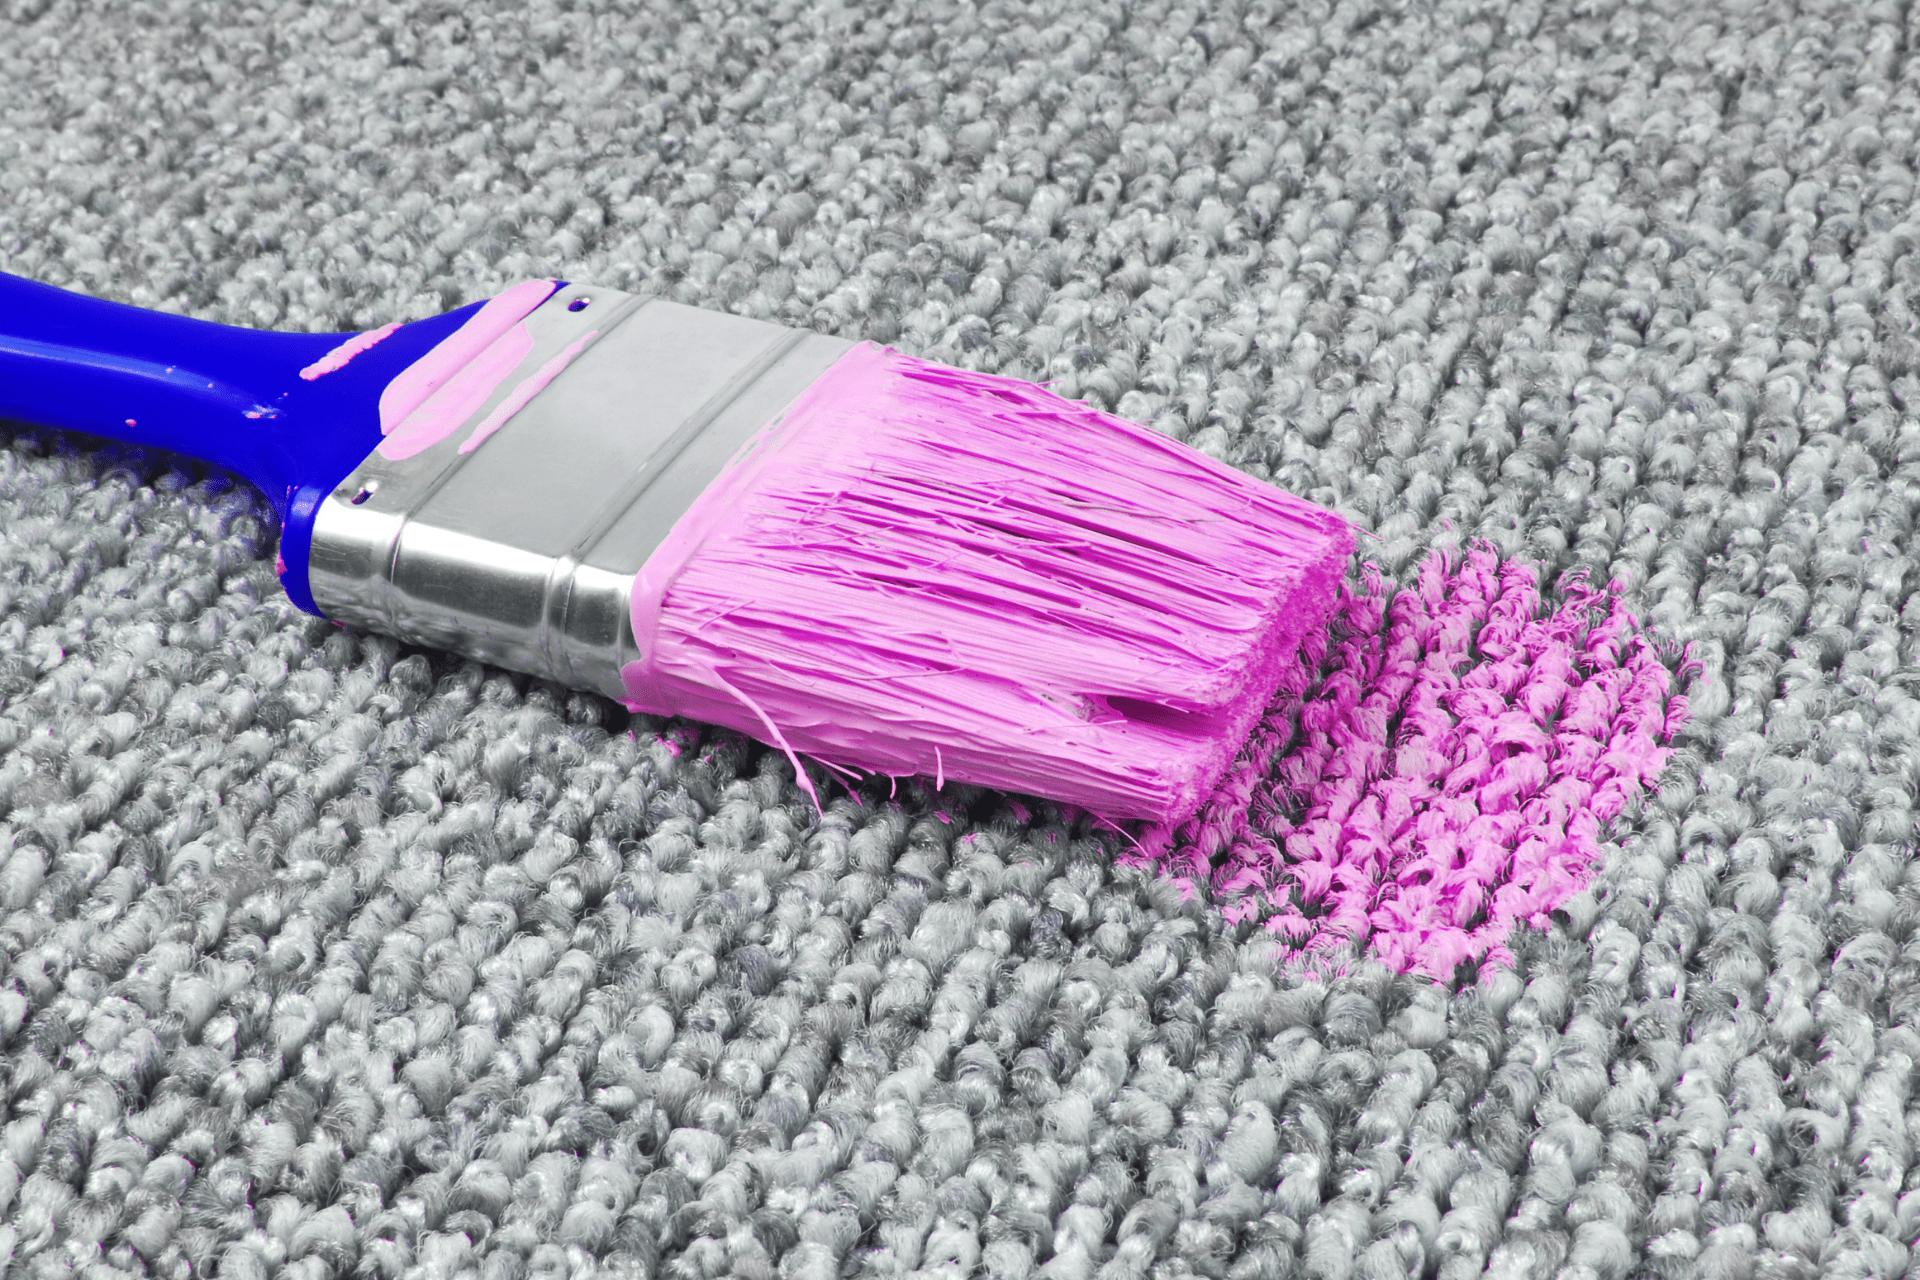 sÅdan fjerne malingspletter fra flisegulve